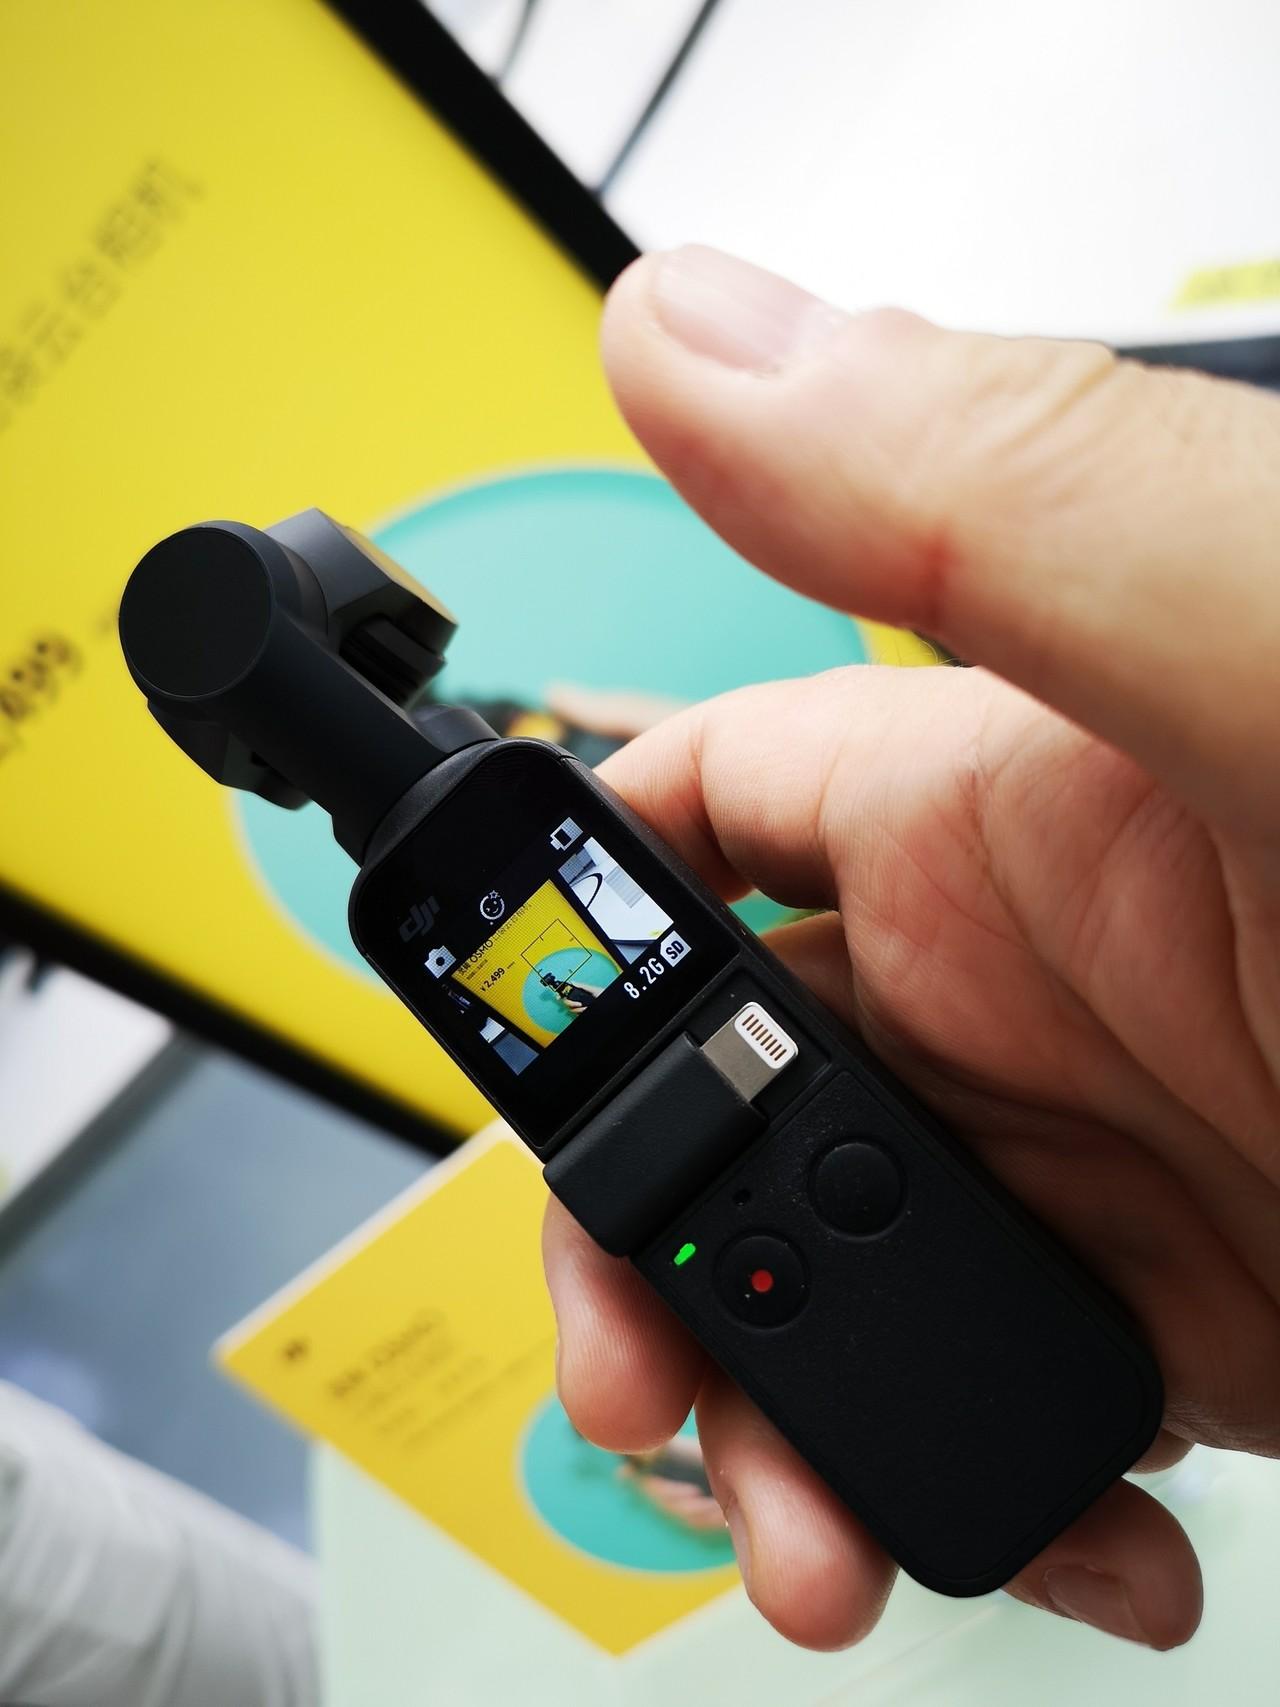 DJIの新製品カメラ付きジンバルのOsmo Pocket。 手のひらサイズ114gだが1/2.3インチのセンサーを積んでいる 最高級のスマホよりさらに大きく、その分きれいな写真が撮れる  もちろんジンバルとして手ブレのない動画が撮れる